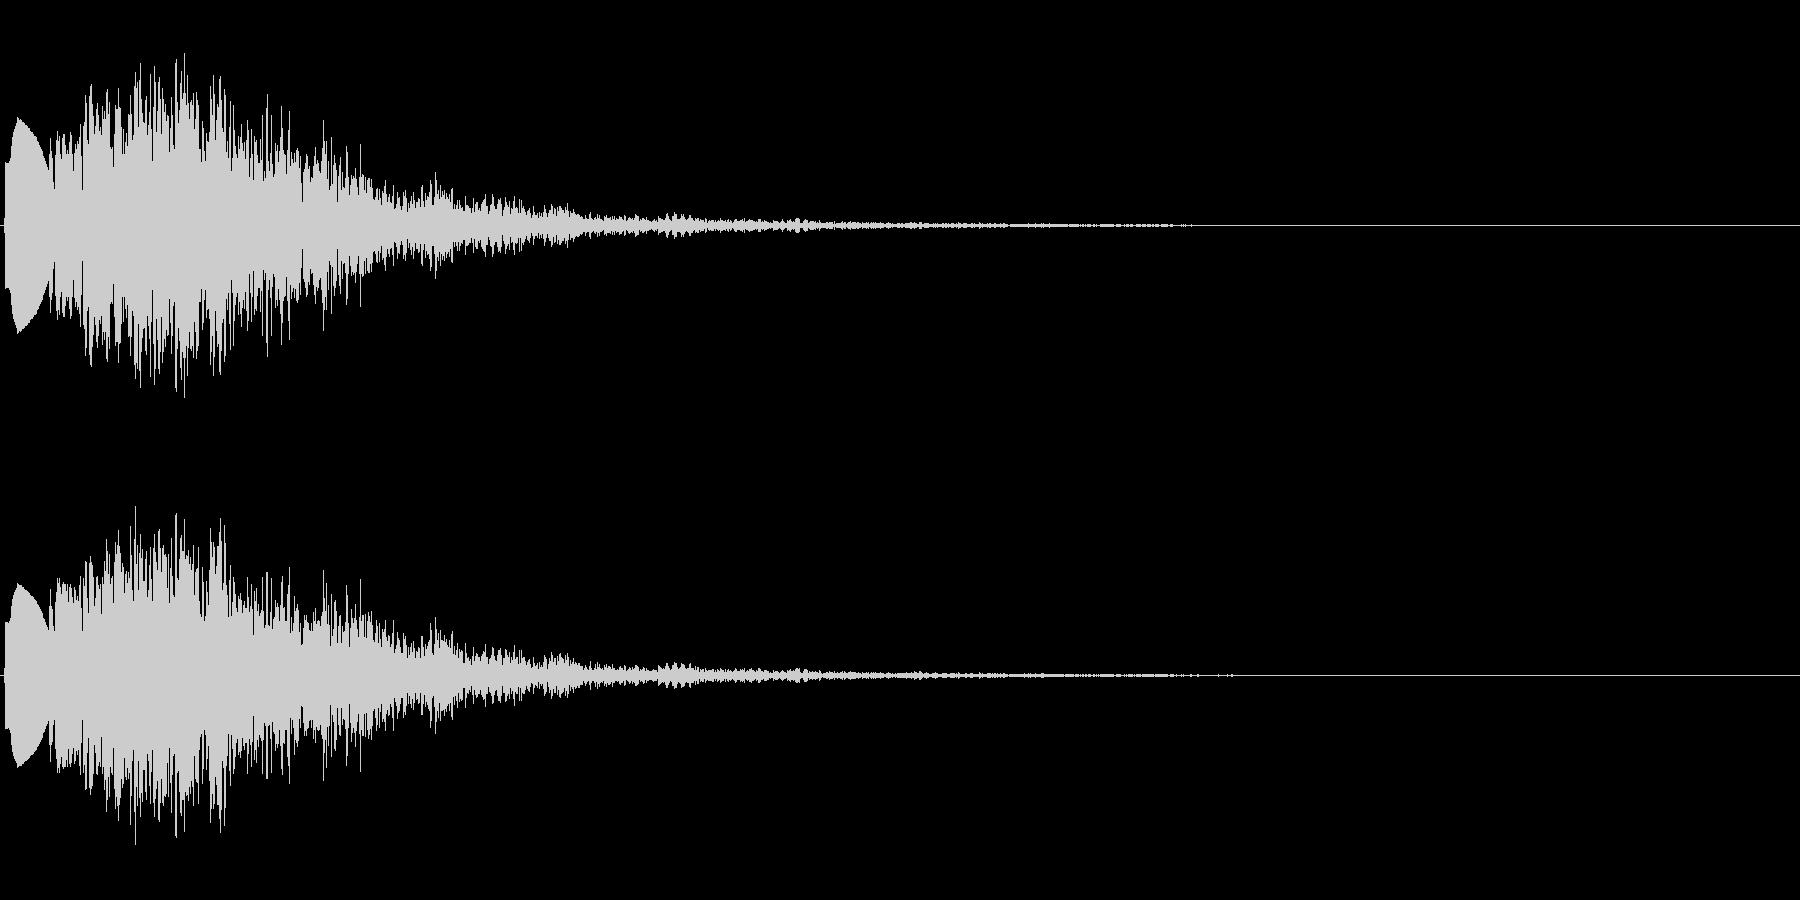 ボタンクリック音 効果音 の未再生の波形